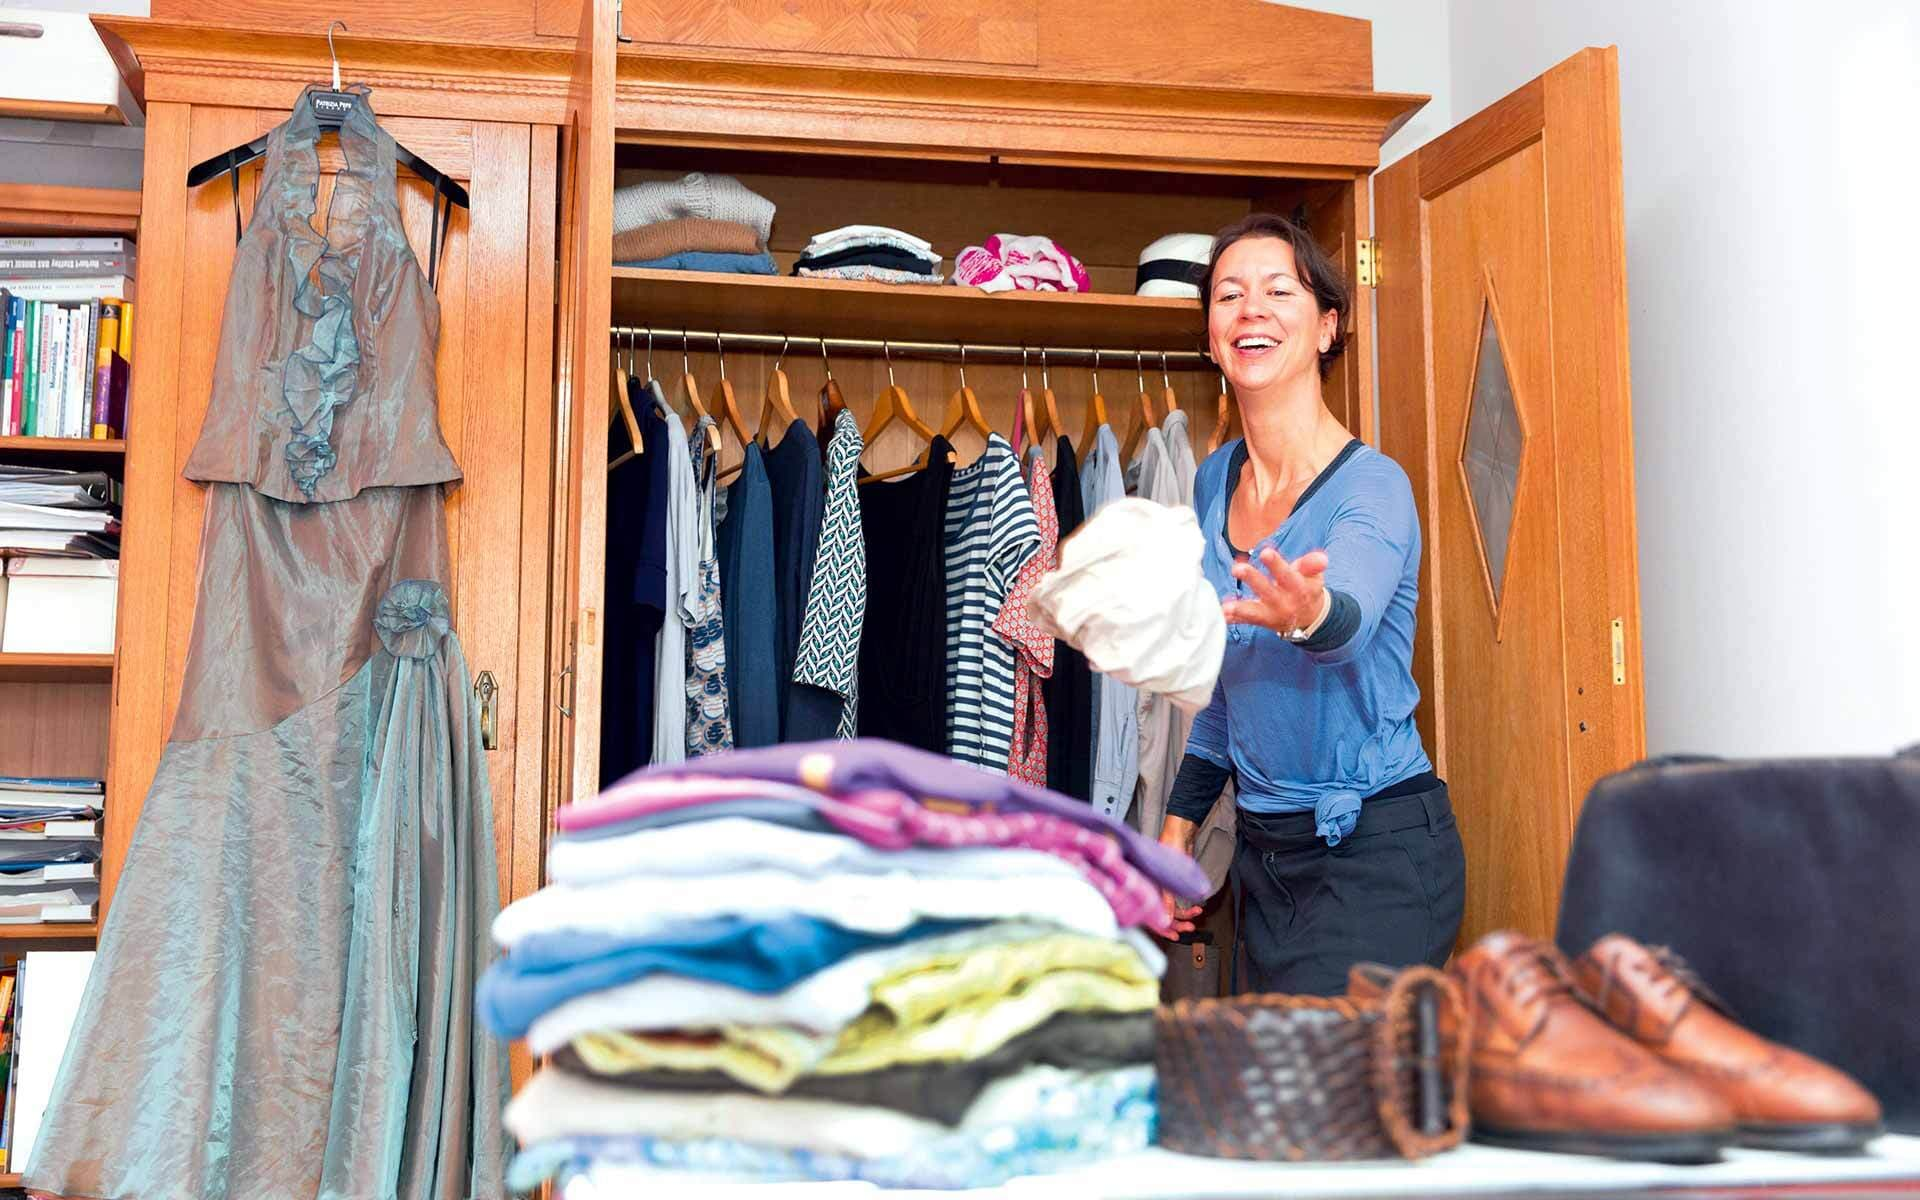 Frau sortiert ihren Schrank aus